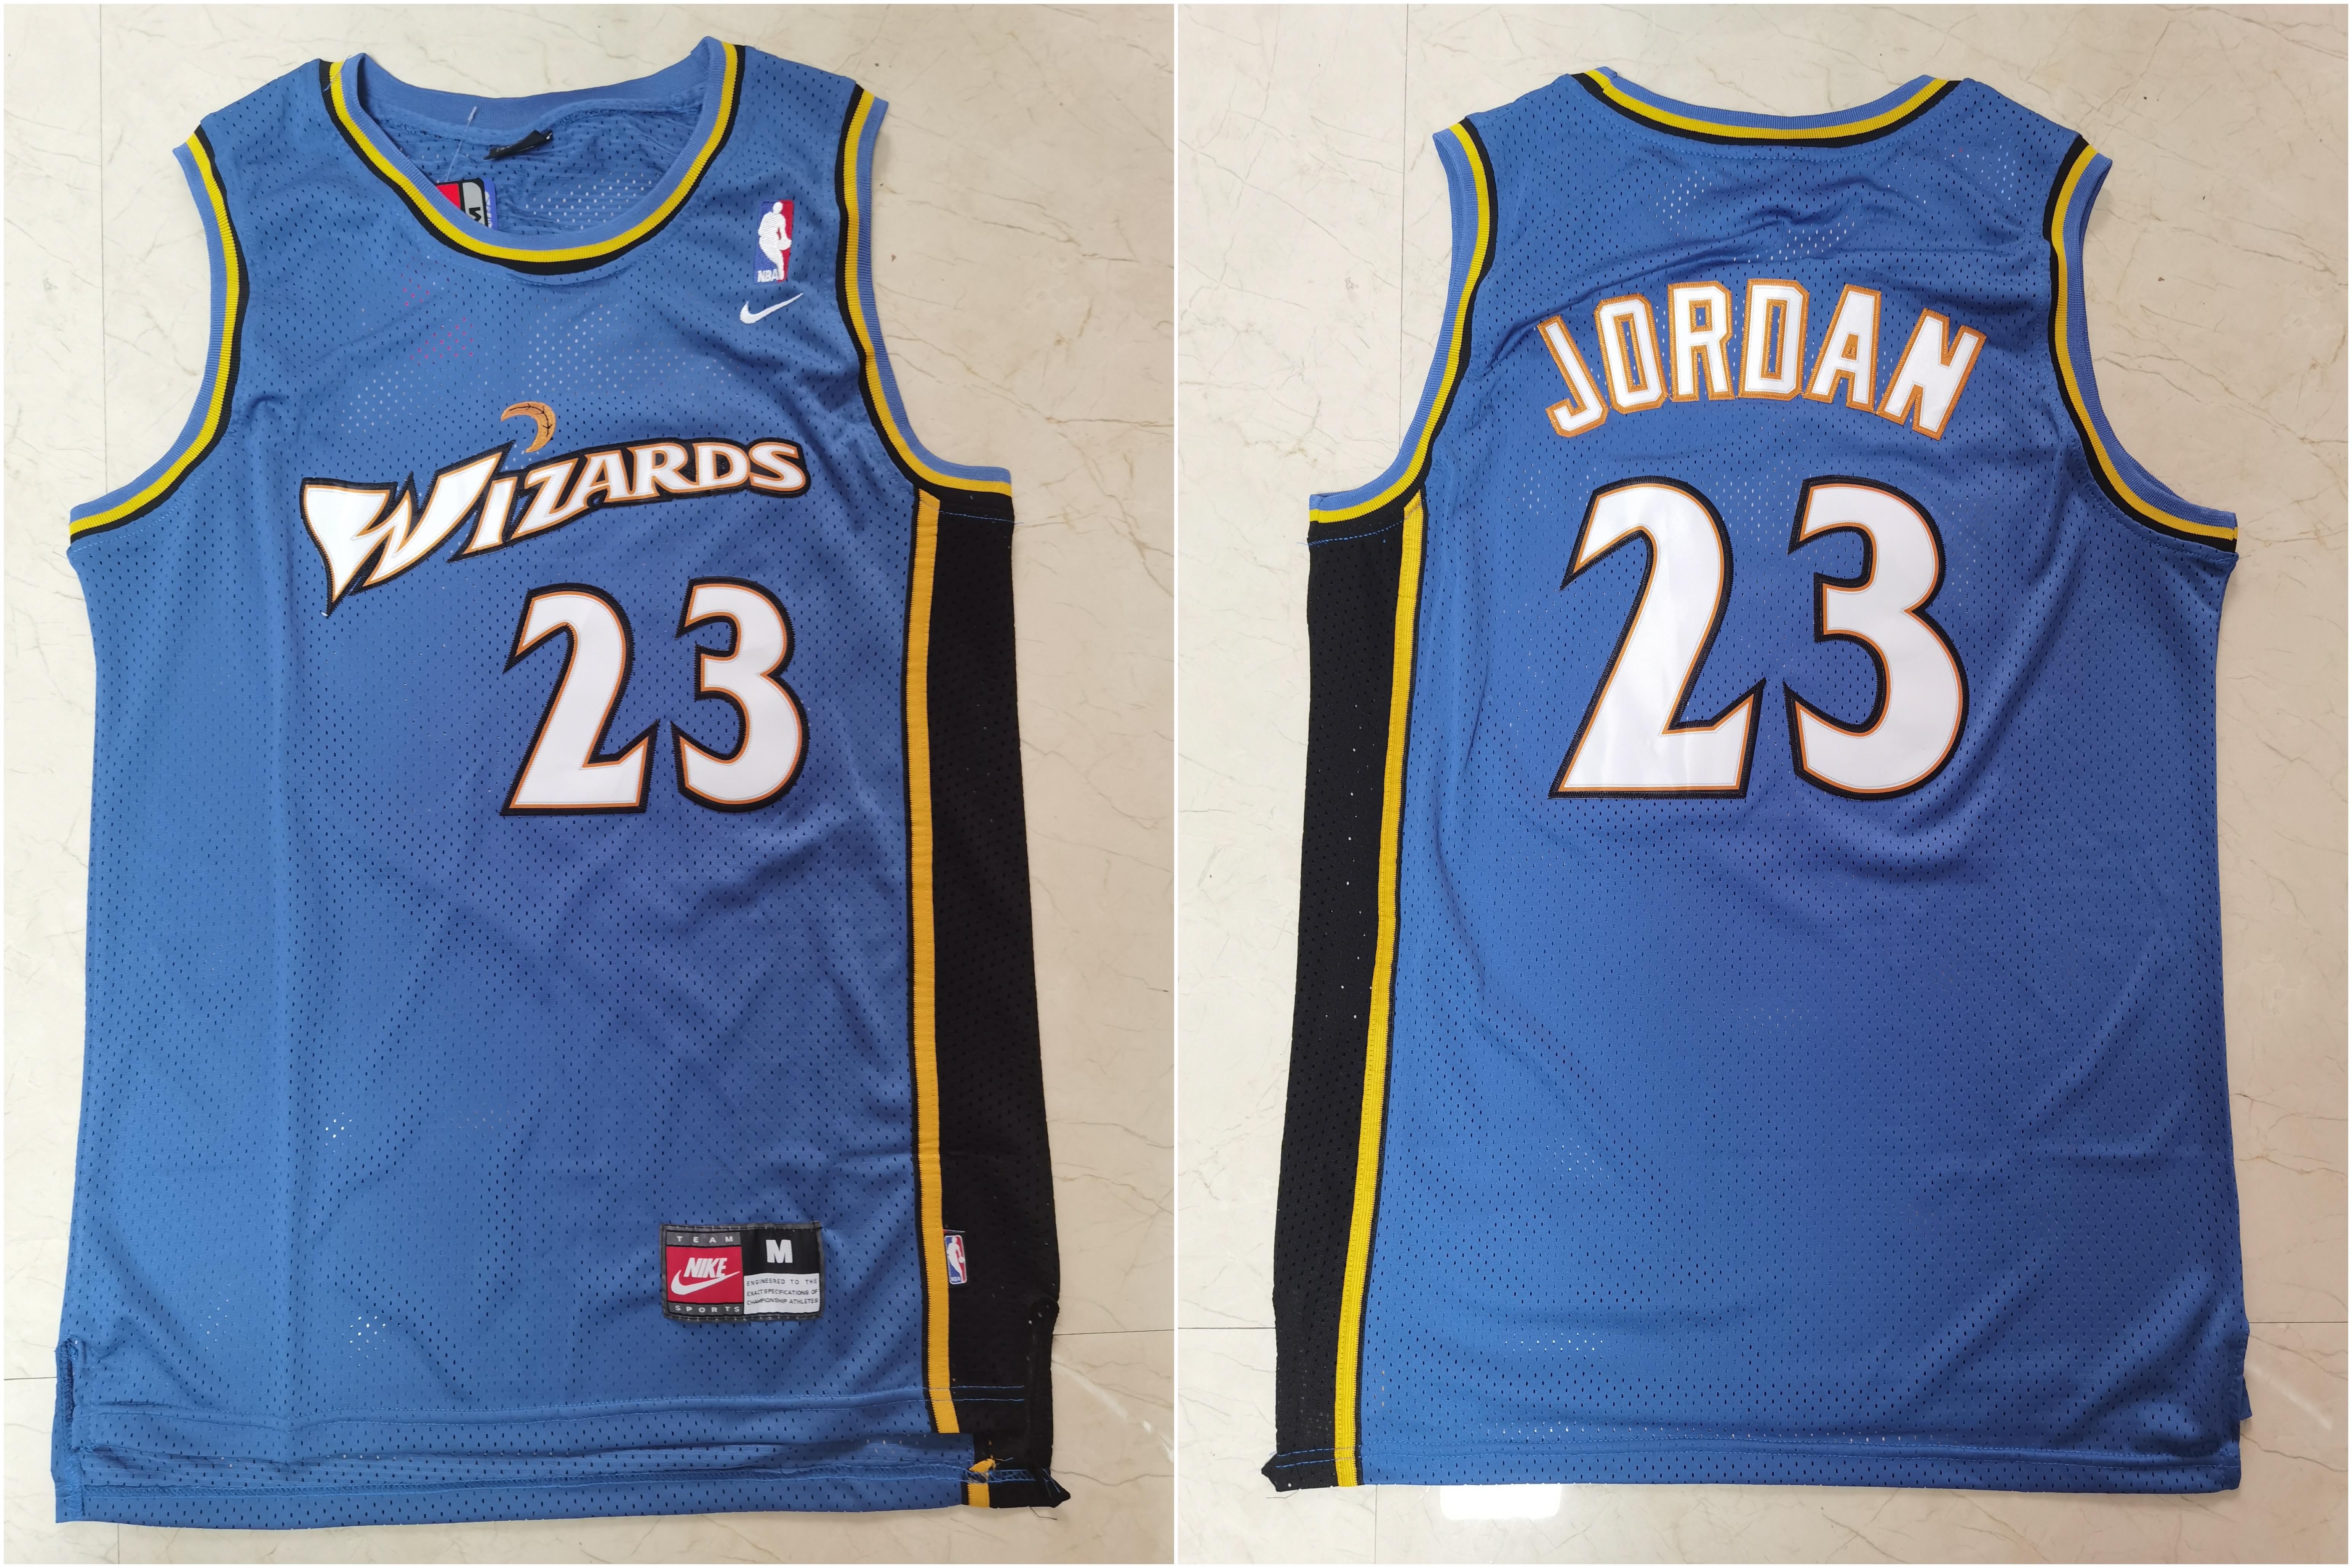 Wizards 23 Michael Jordan Blue Nike Swingman Jersey